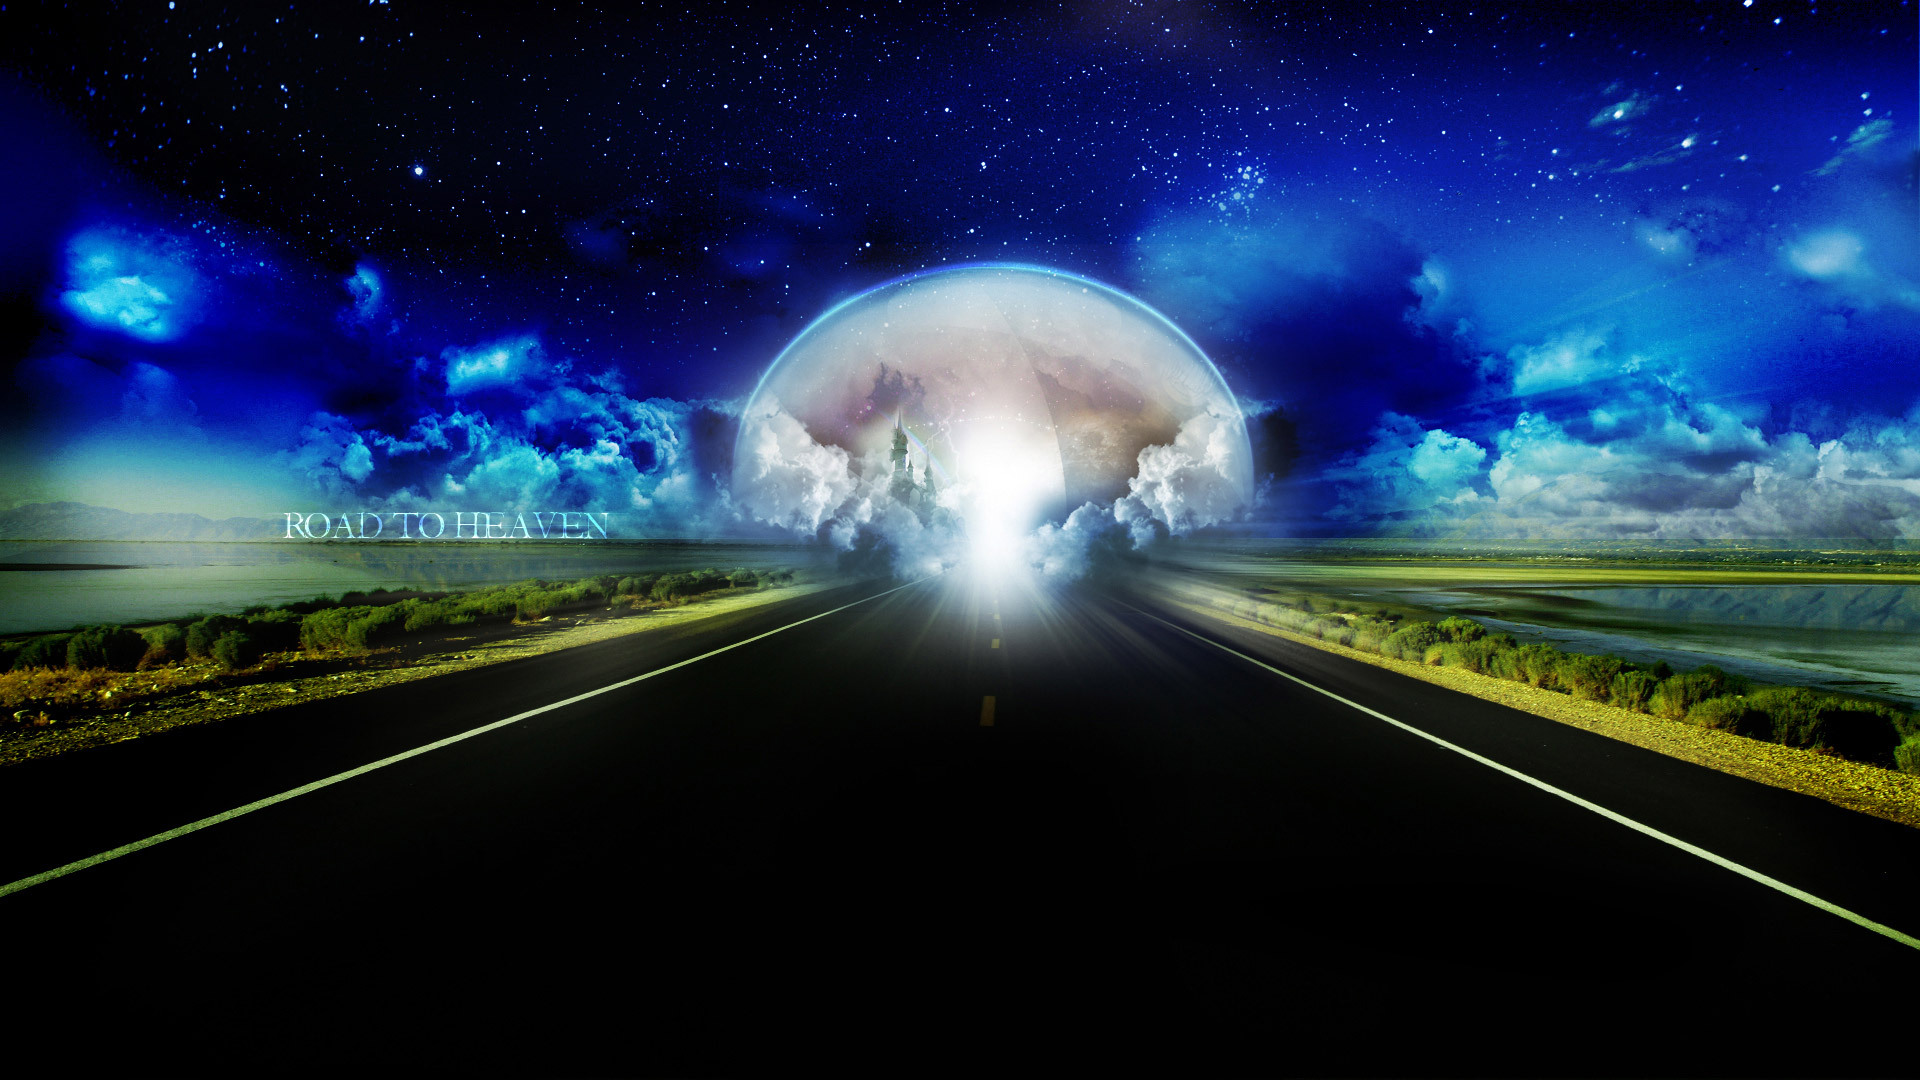 картинки на рабочий стол дорога в небеса это